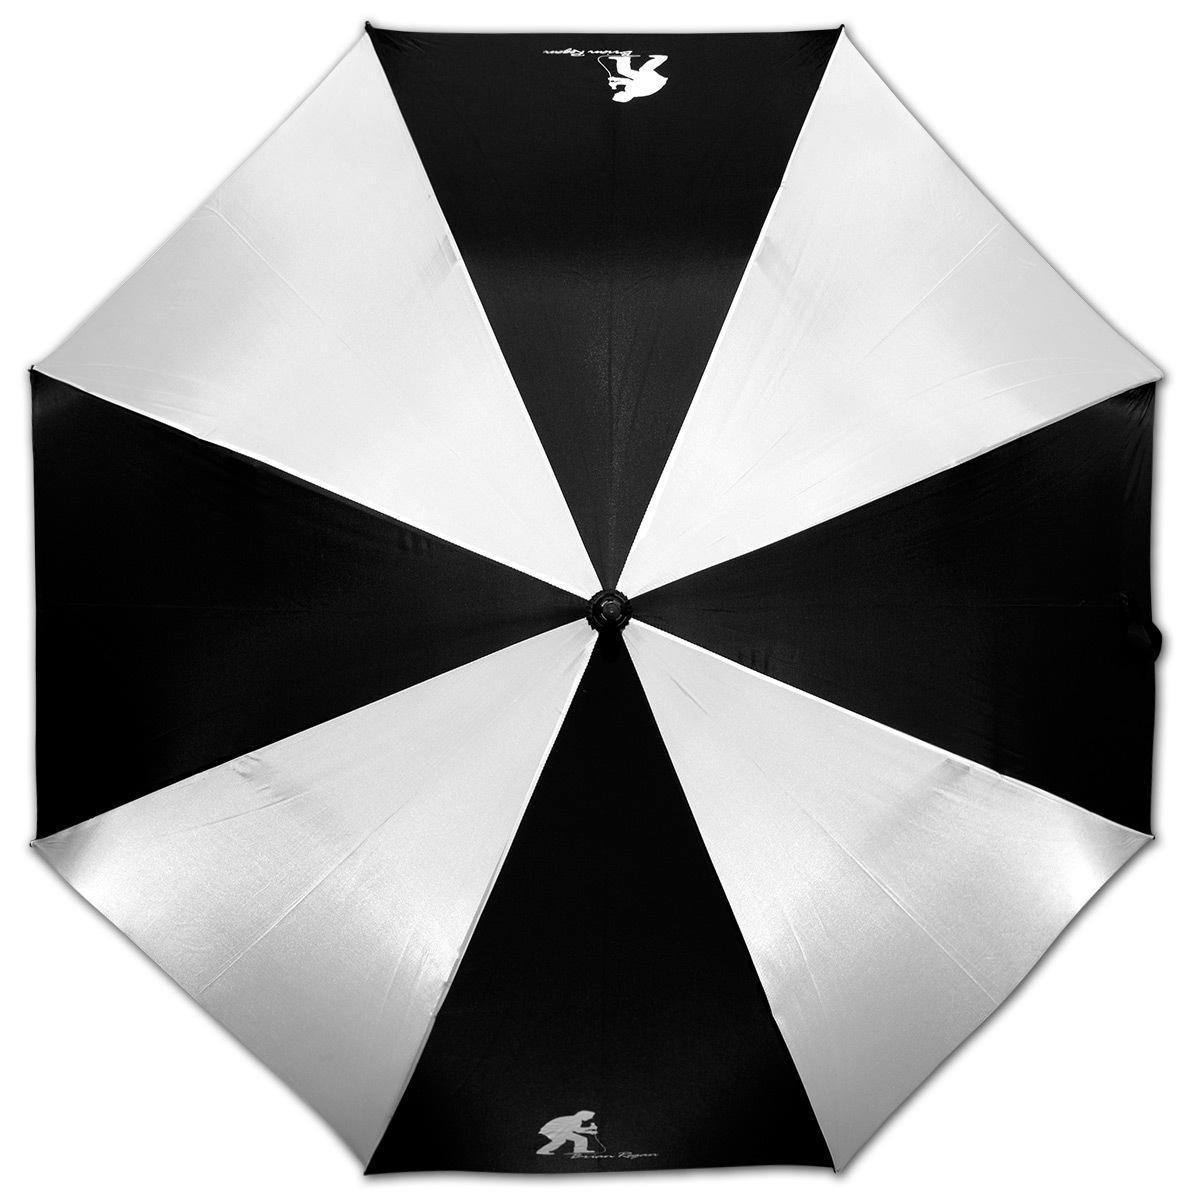 Brian Regan Silhouette Golf Umbrella